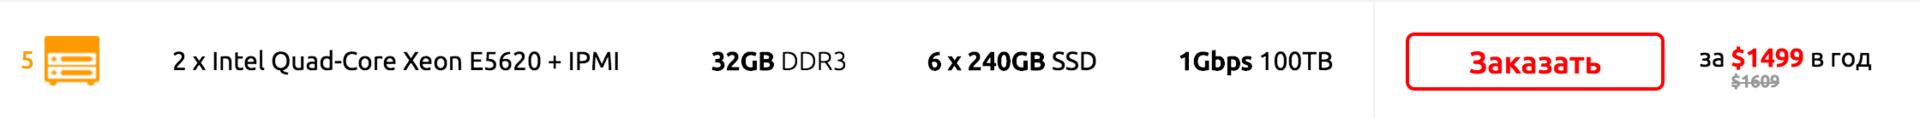 Cерверы с «устаревшими» CPU или более высокая цена? Мы нашли компромисс! 2 x E5620 - 32GB DDR3 - 6 x 240GB SSD - 1Gbps? - 6